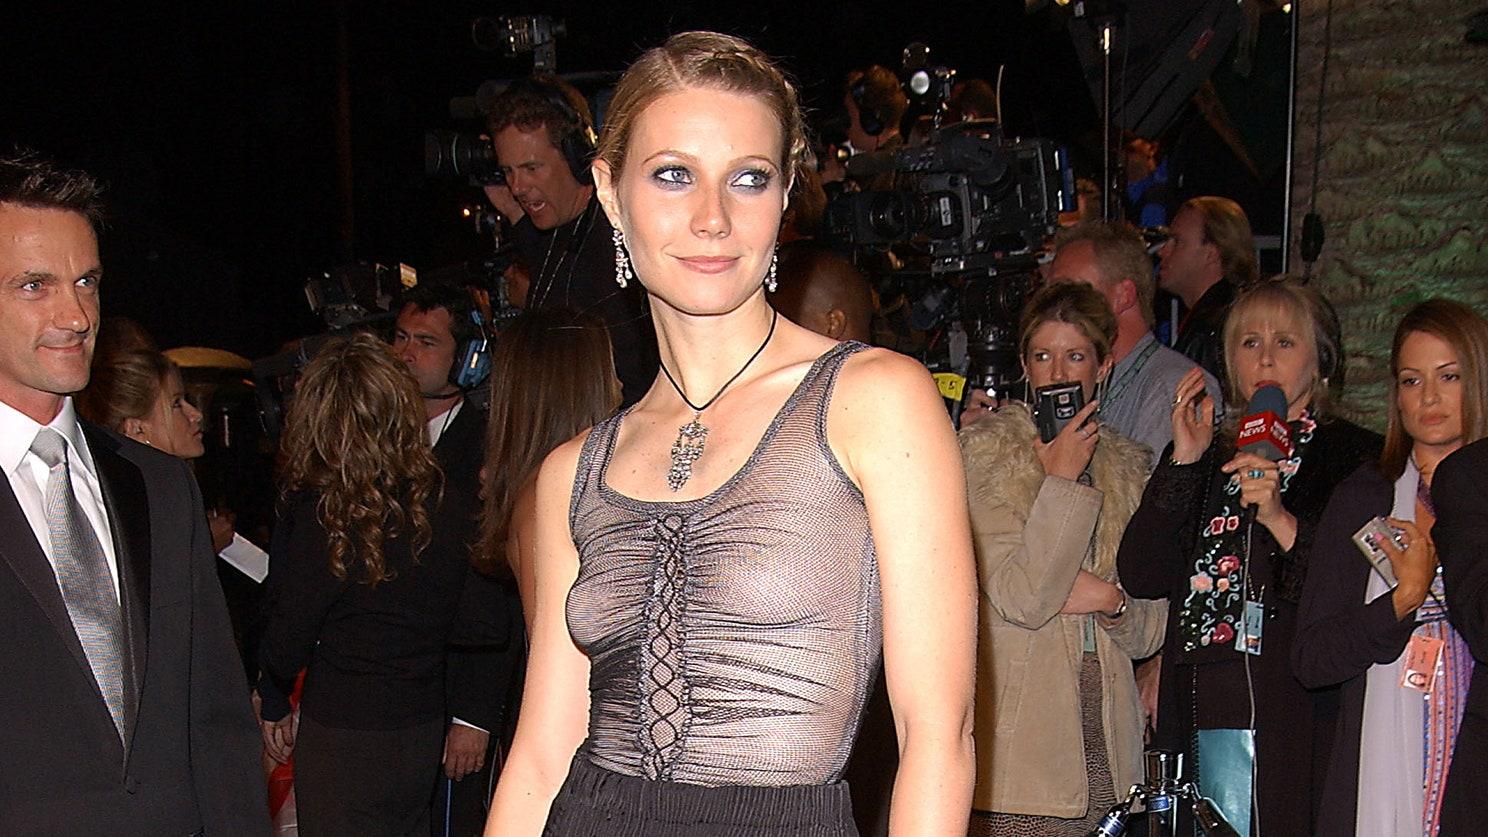 Гвинет Пэлтроу и ее знаменитый выход на «Оскаре-2002»